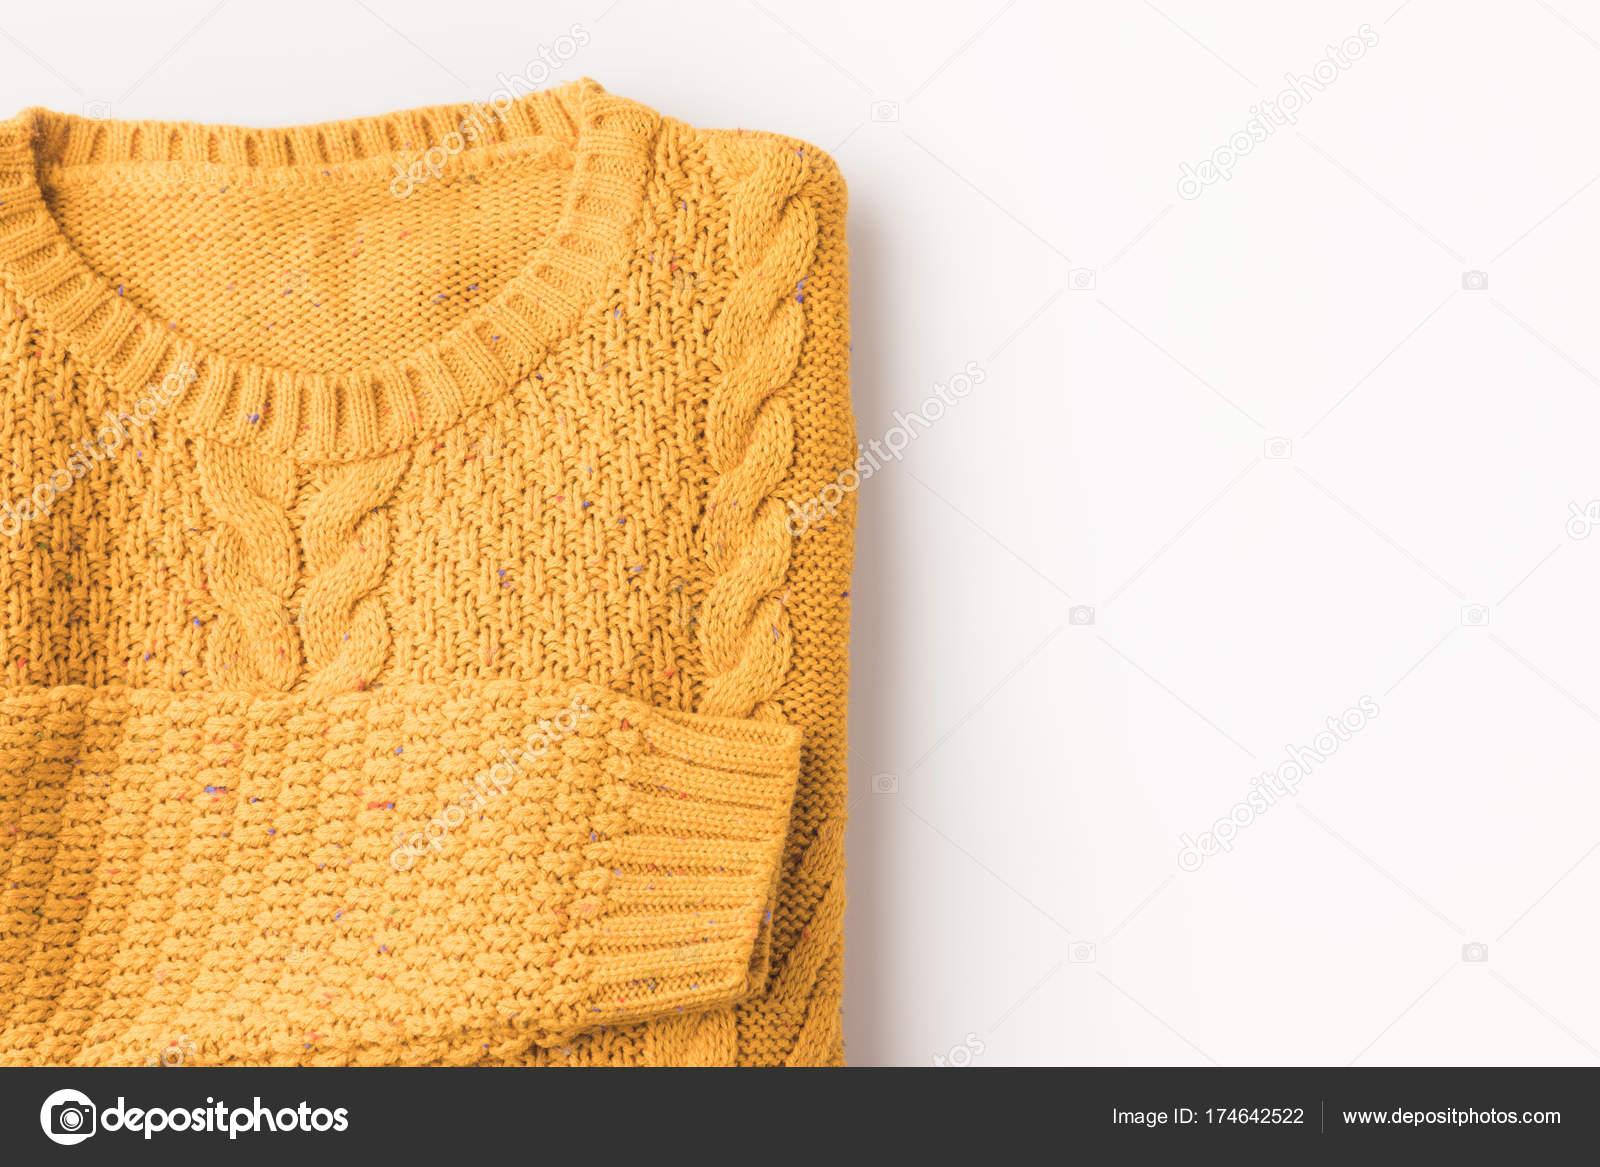 вязаный свитер желтый стоковое фото Antonmatyukha 174642522